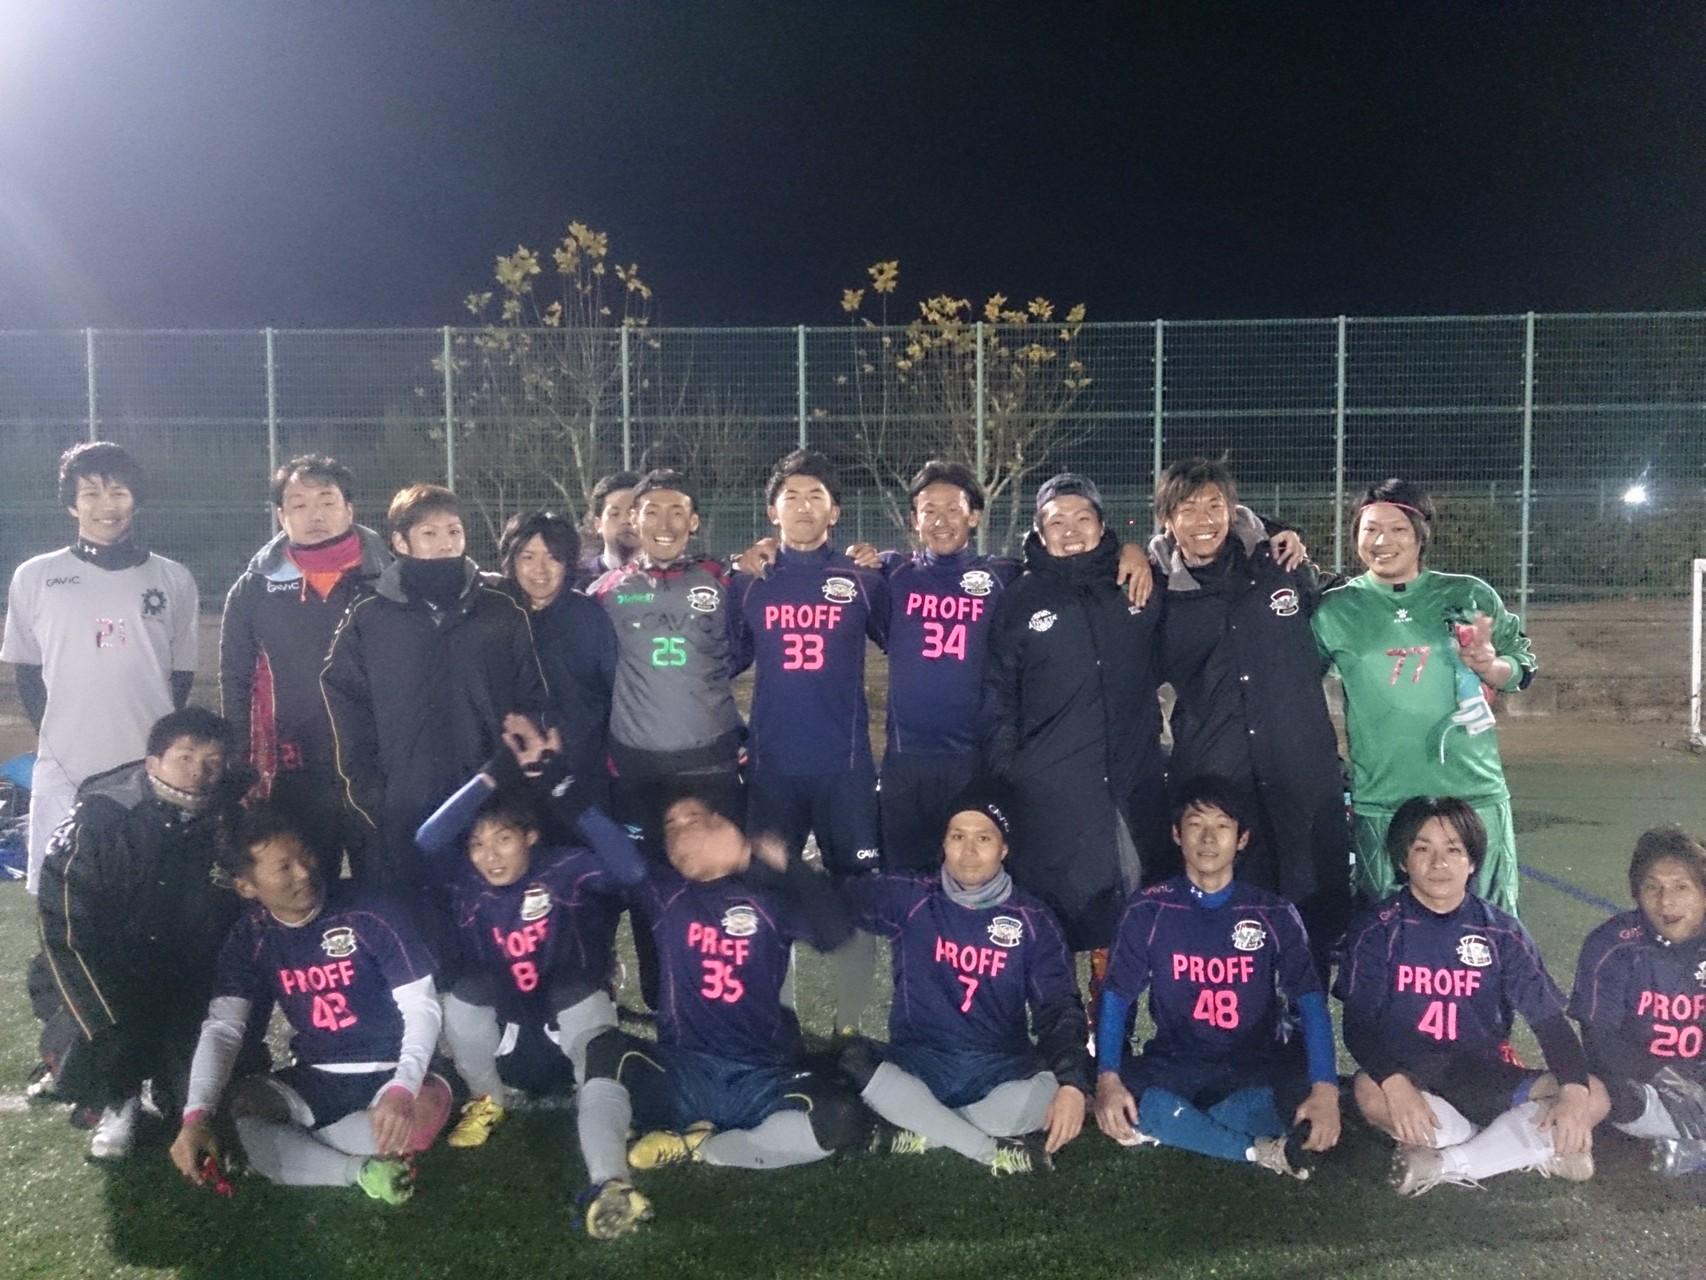 2014/12/14 服部緑地人工芝サッカー場 vs 大阪摂津トモキクラブ vs MTV大阪